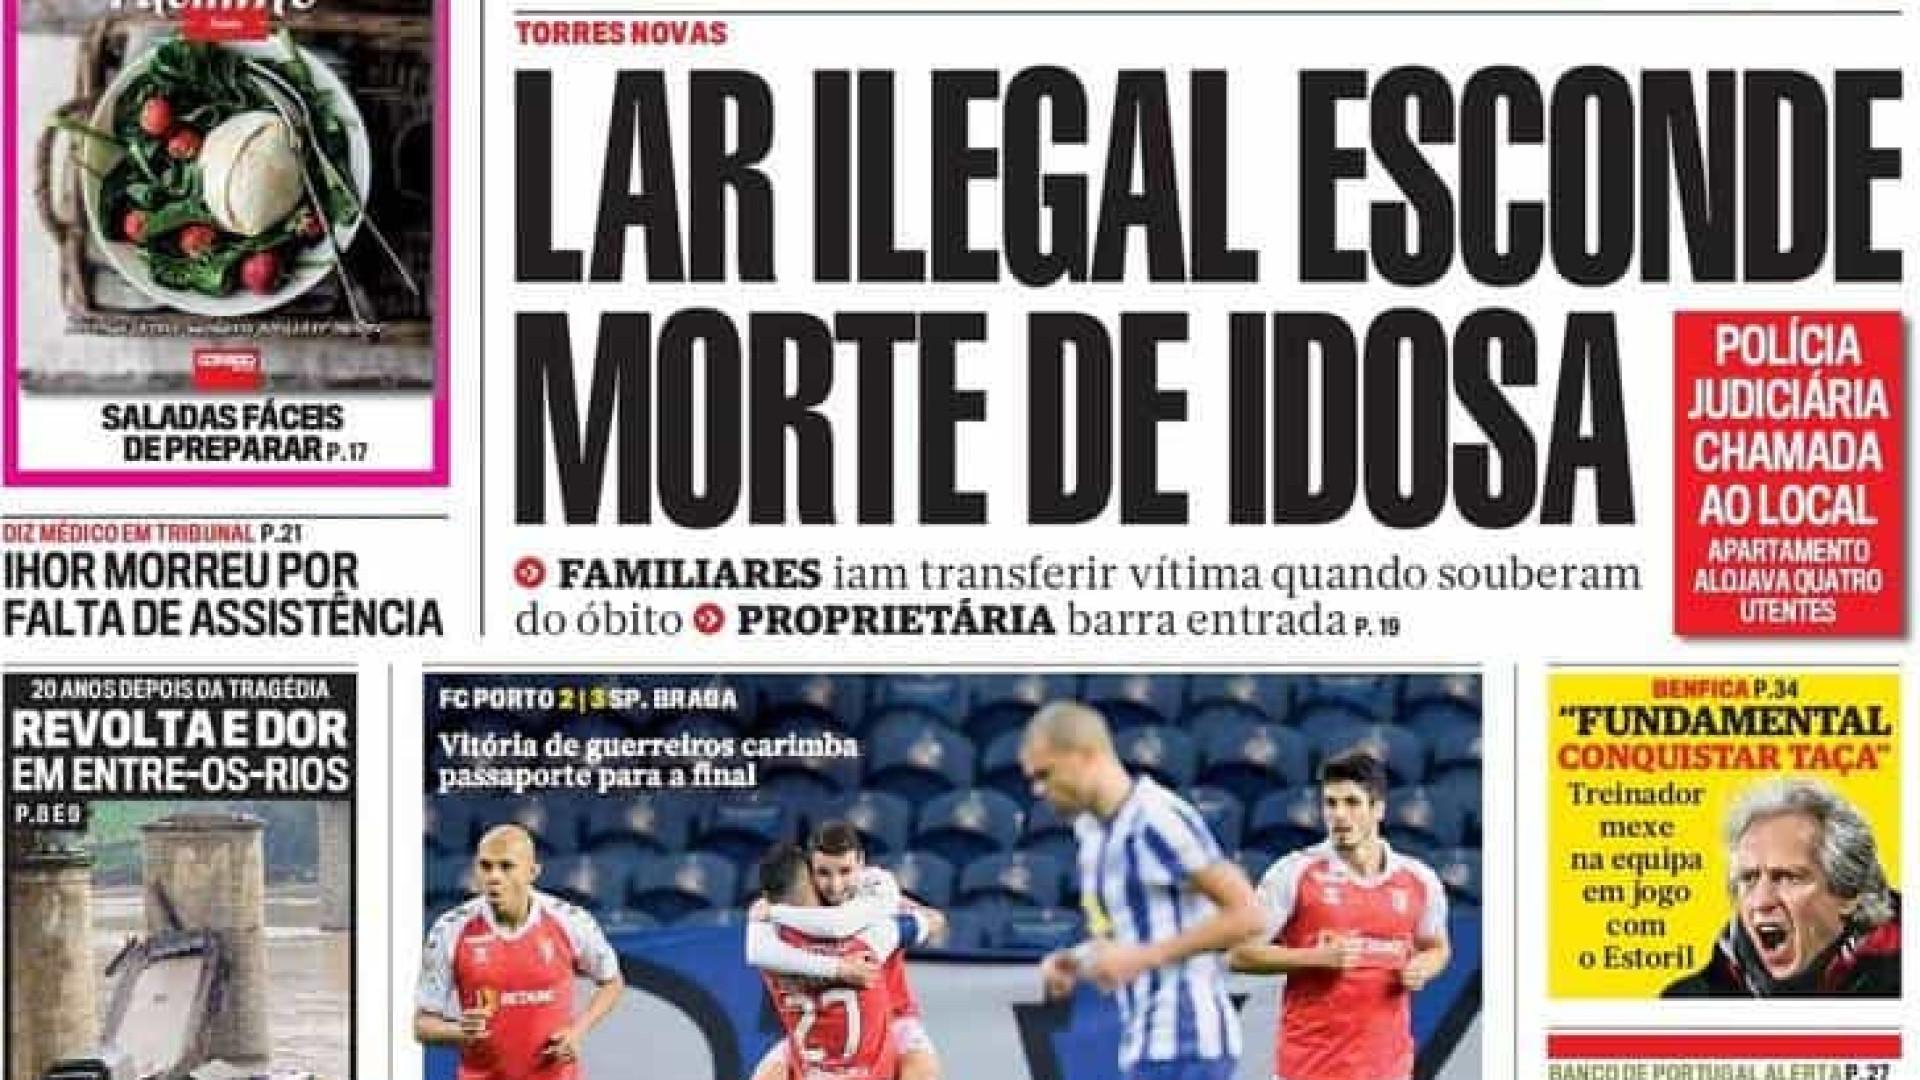 Hoje é notícia: Lar ilegal esconde morte de idosa; 'Narcos' em Lisboa